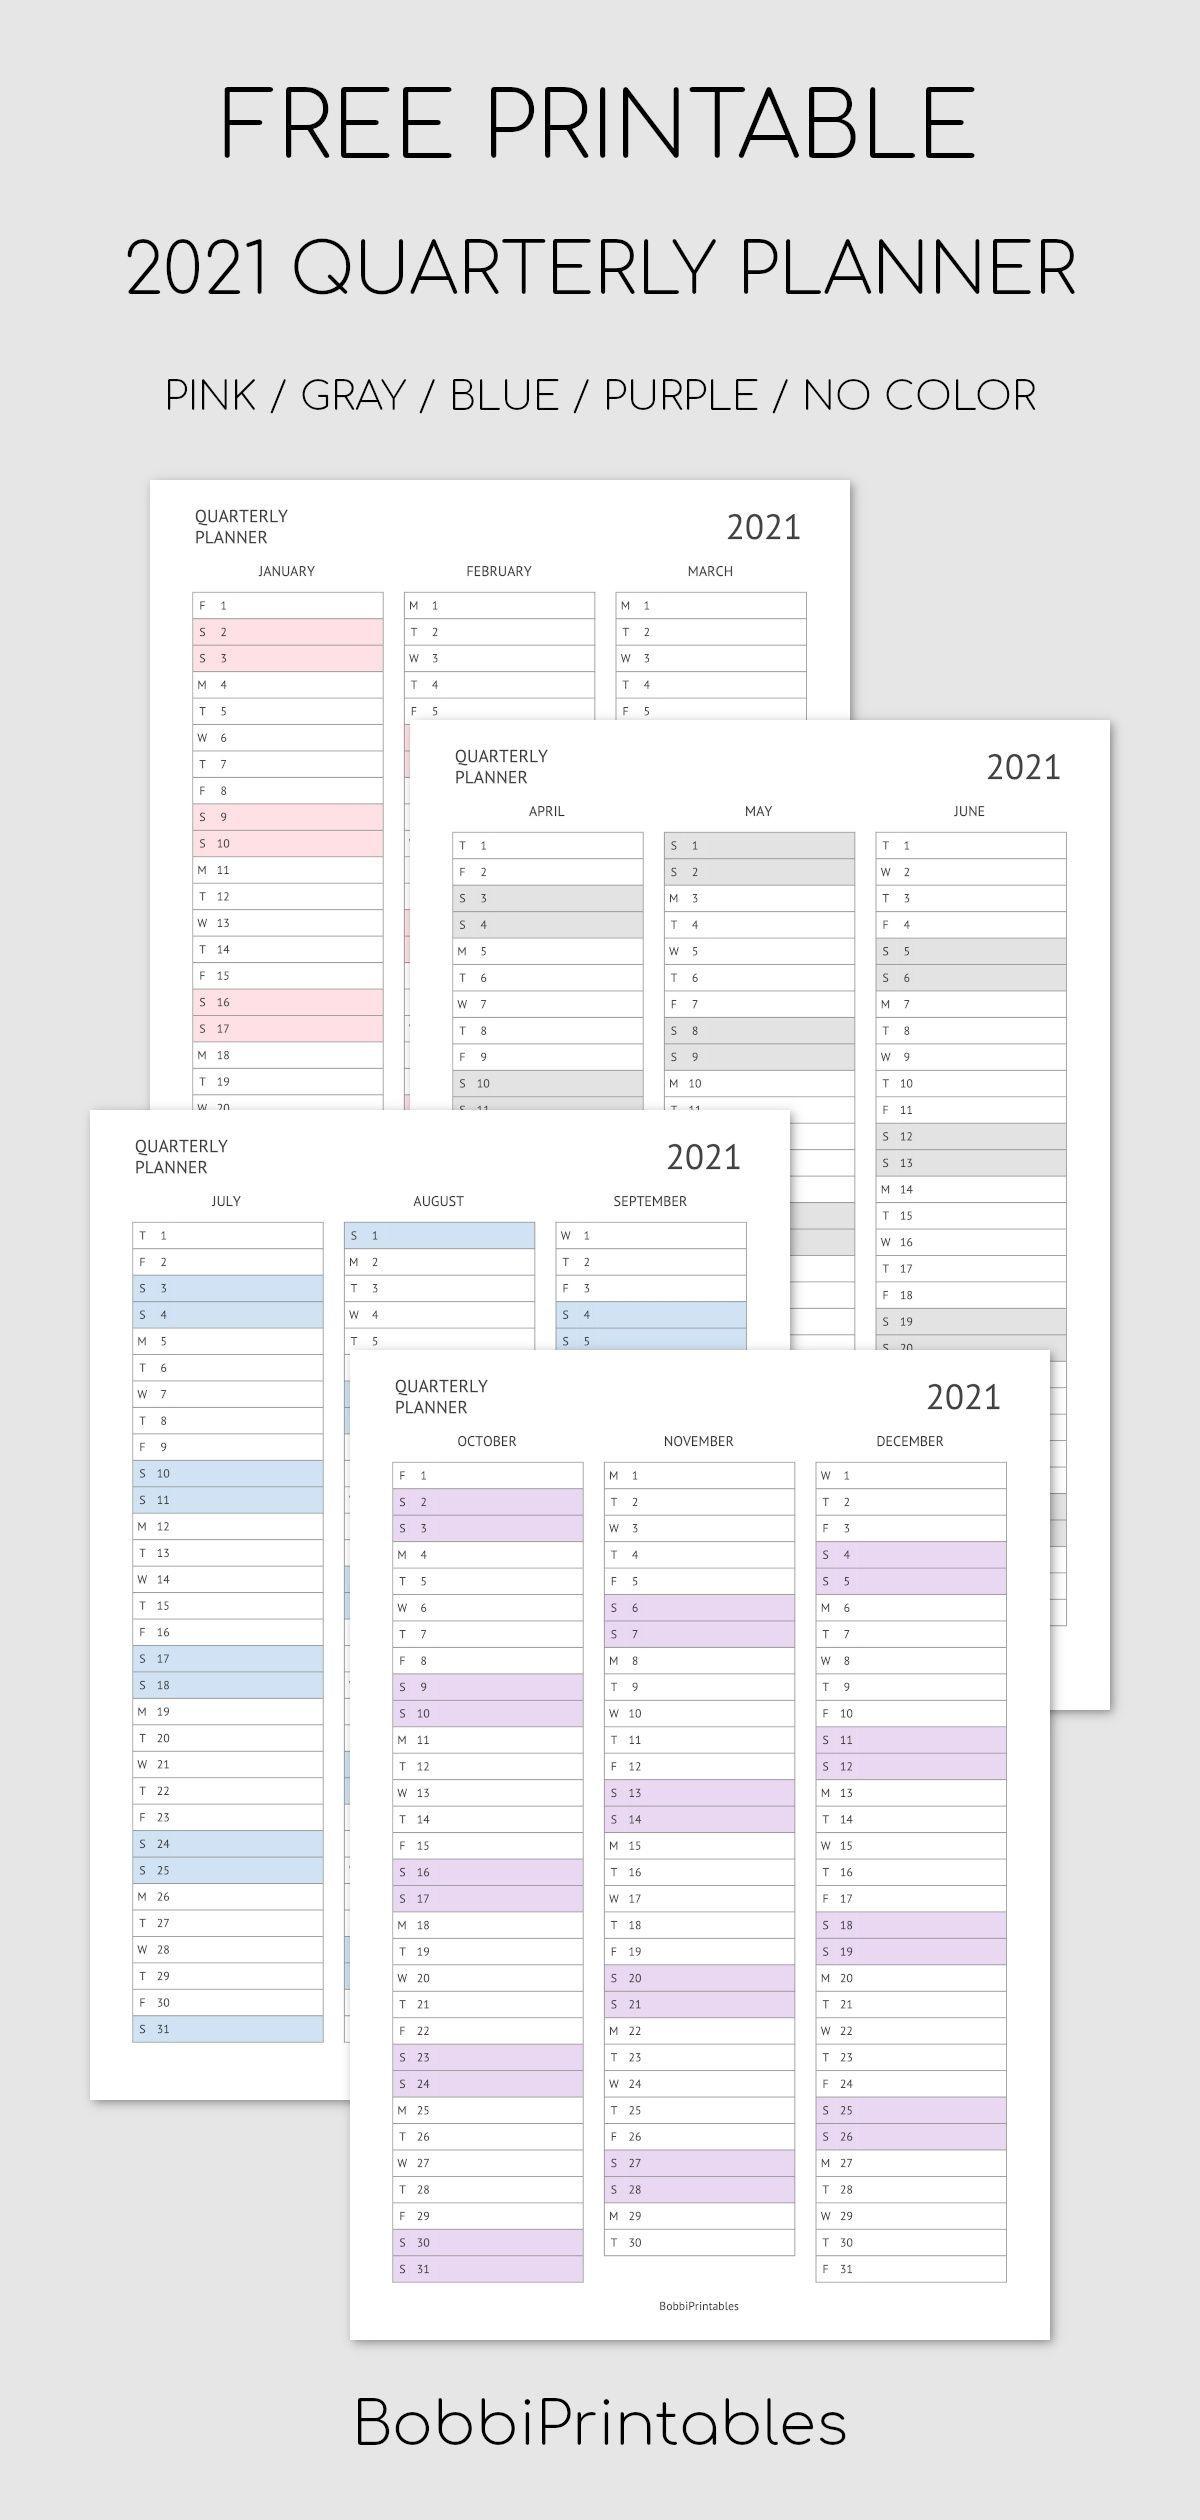 Printable 2021 Quarterly Planner / Calendar   Quarterly